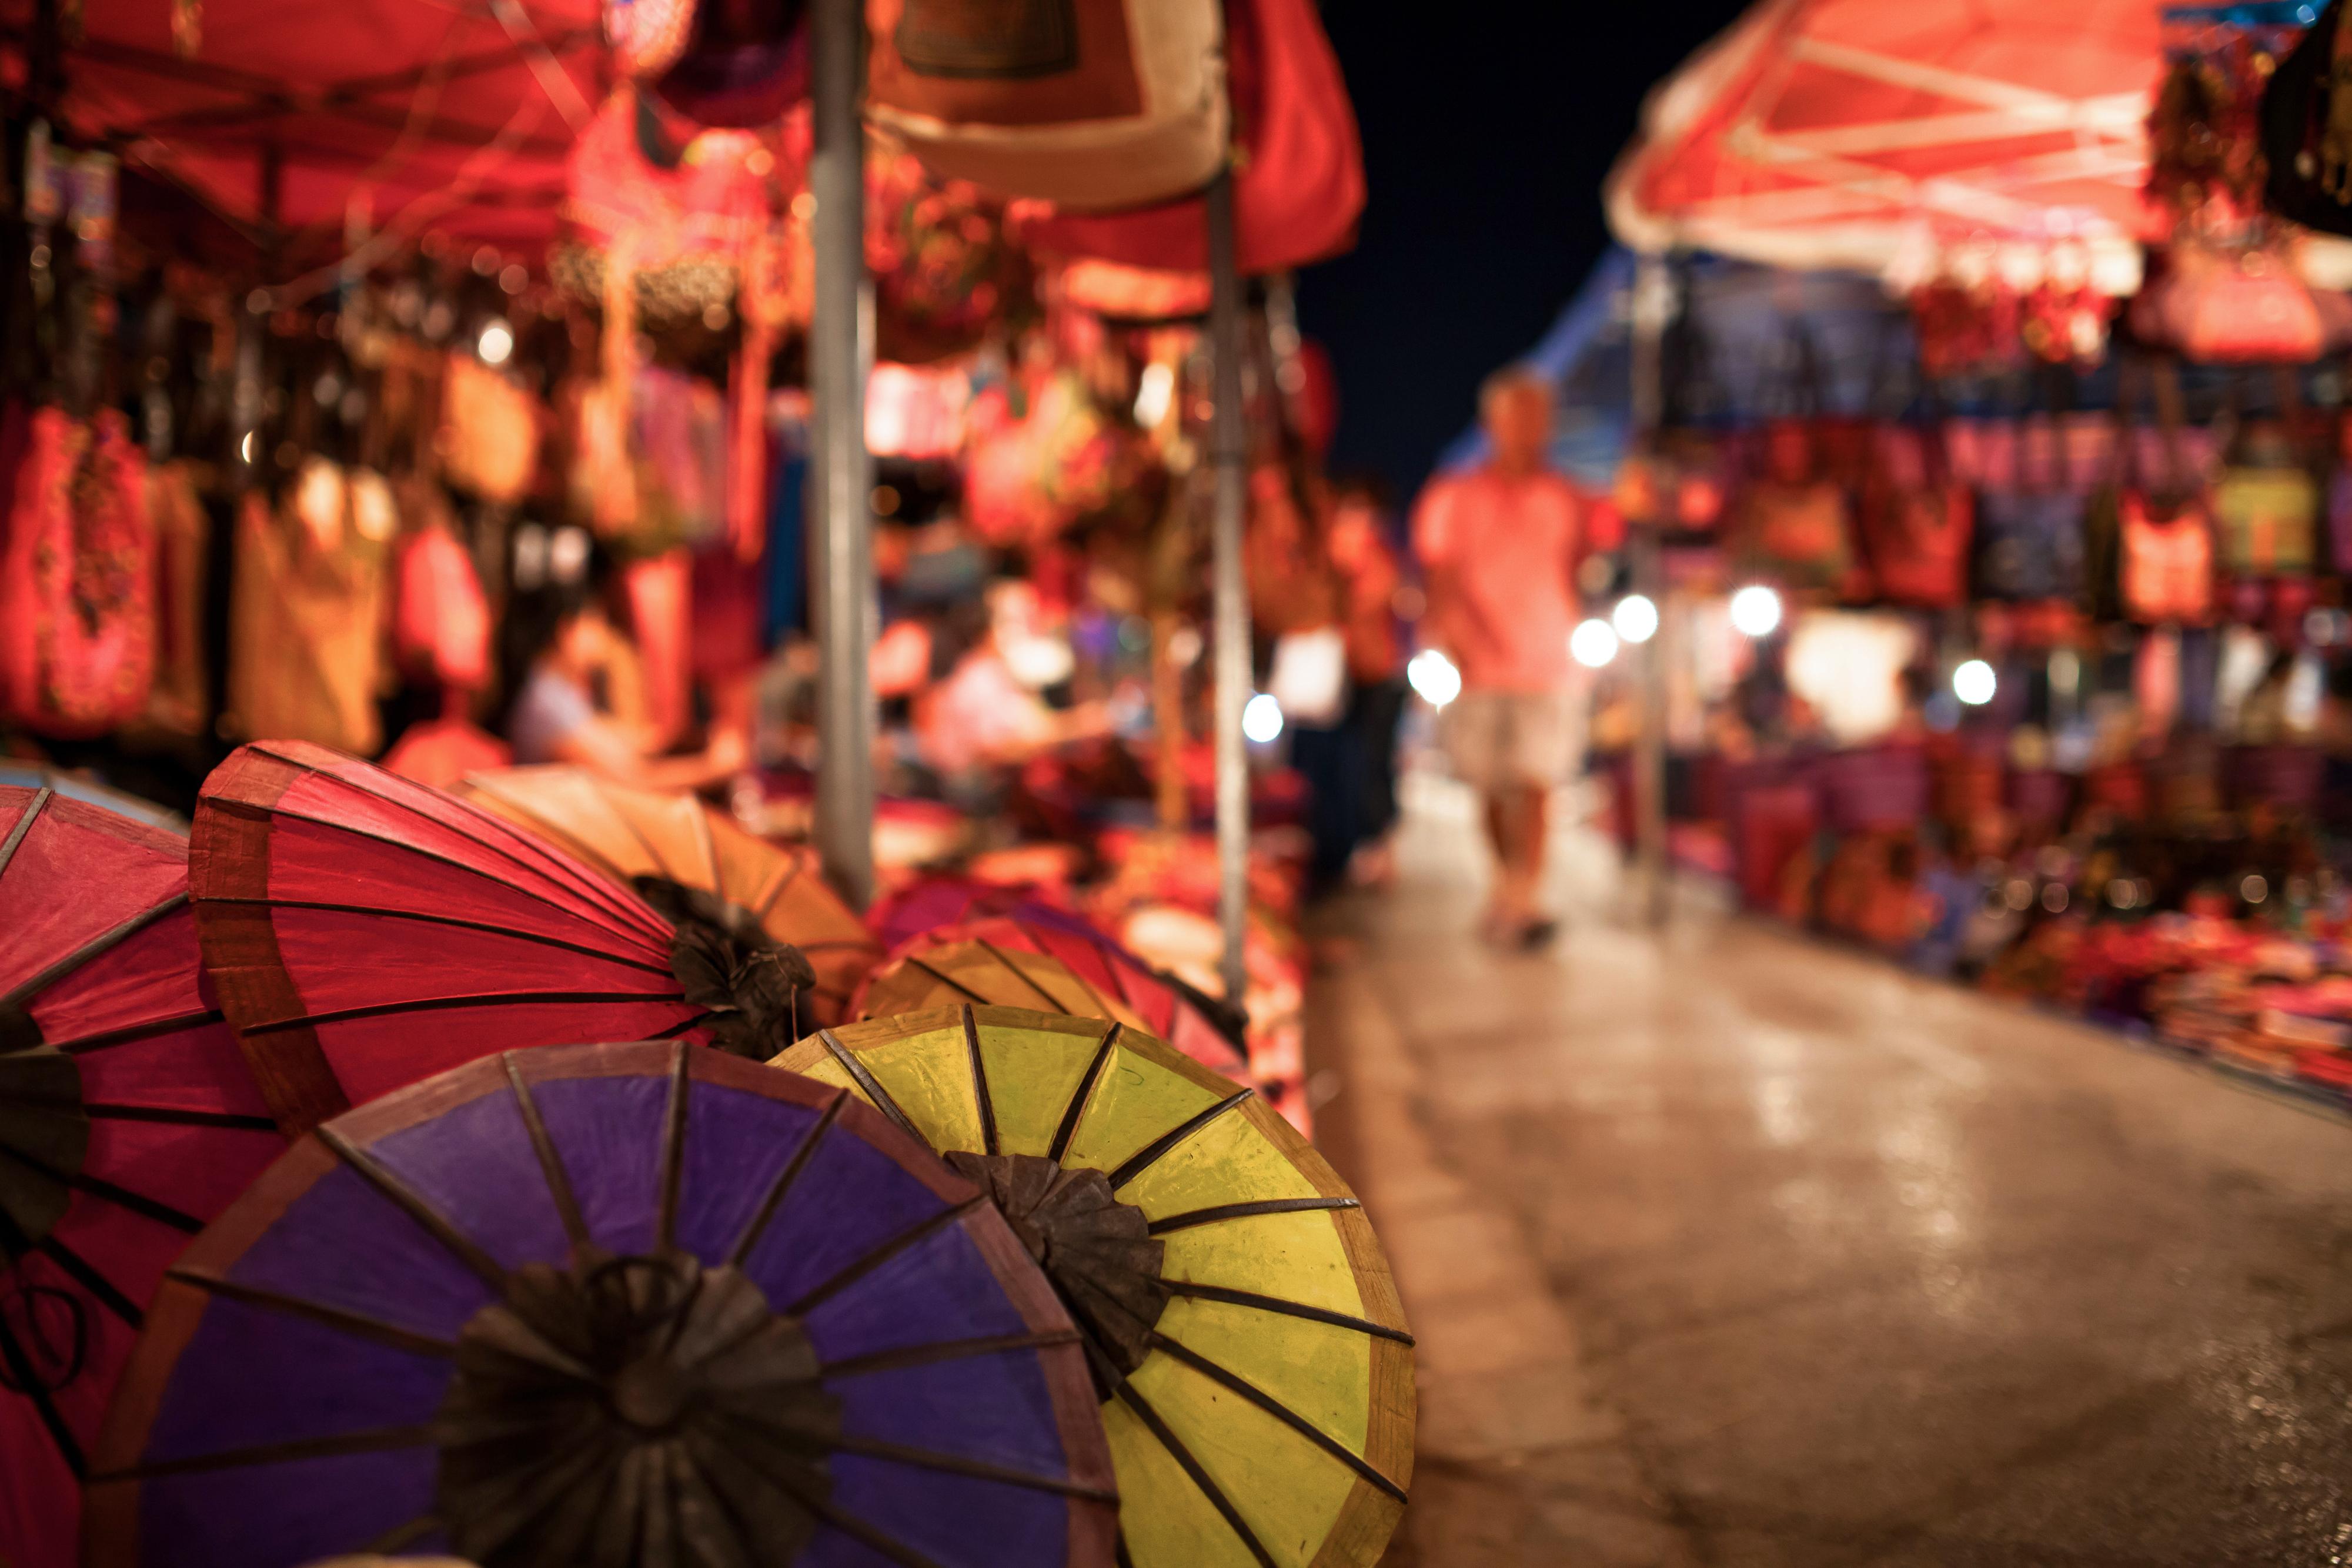 Comprar en el mercadillo nocturno de Luang Prabang - Laos Gran Viaje Laos y Vietnam